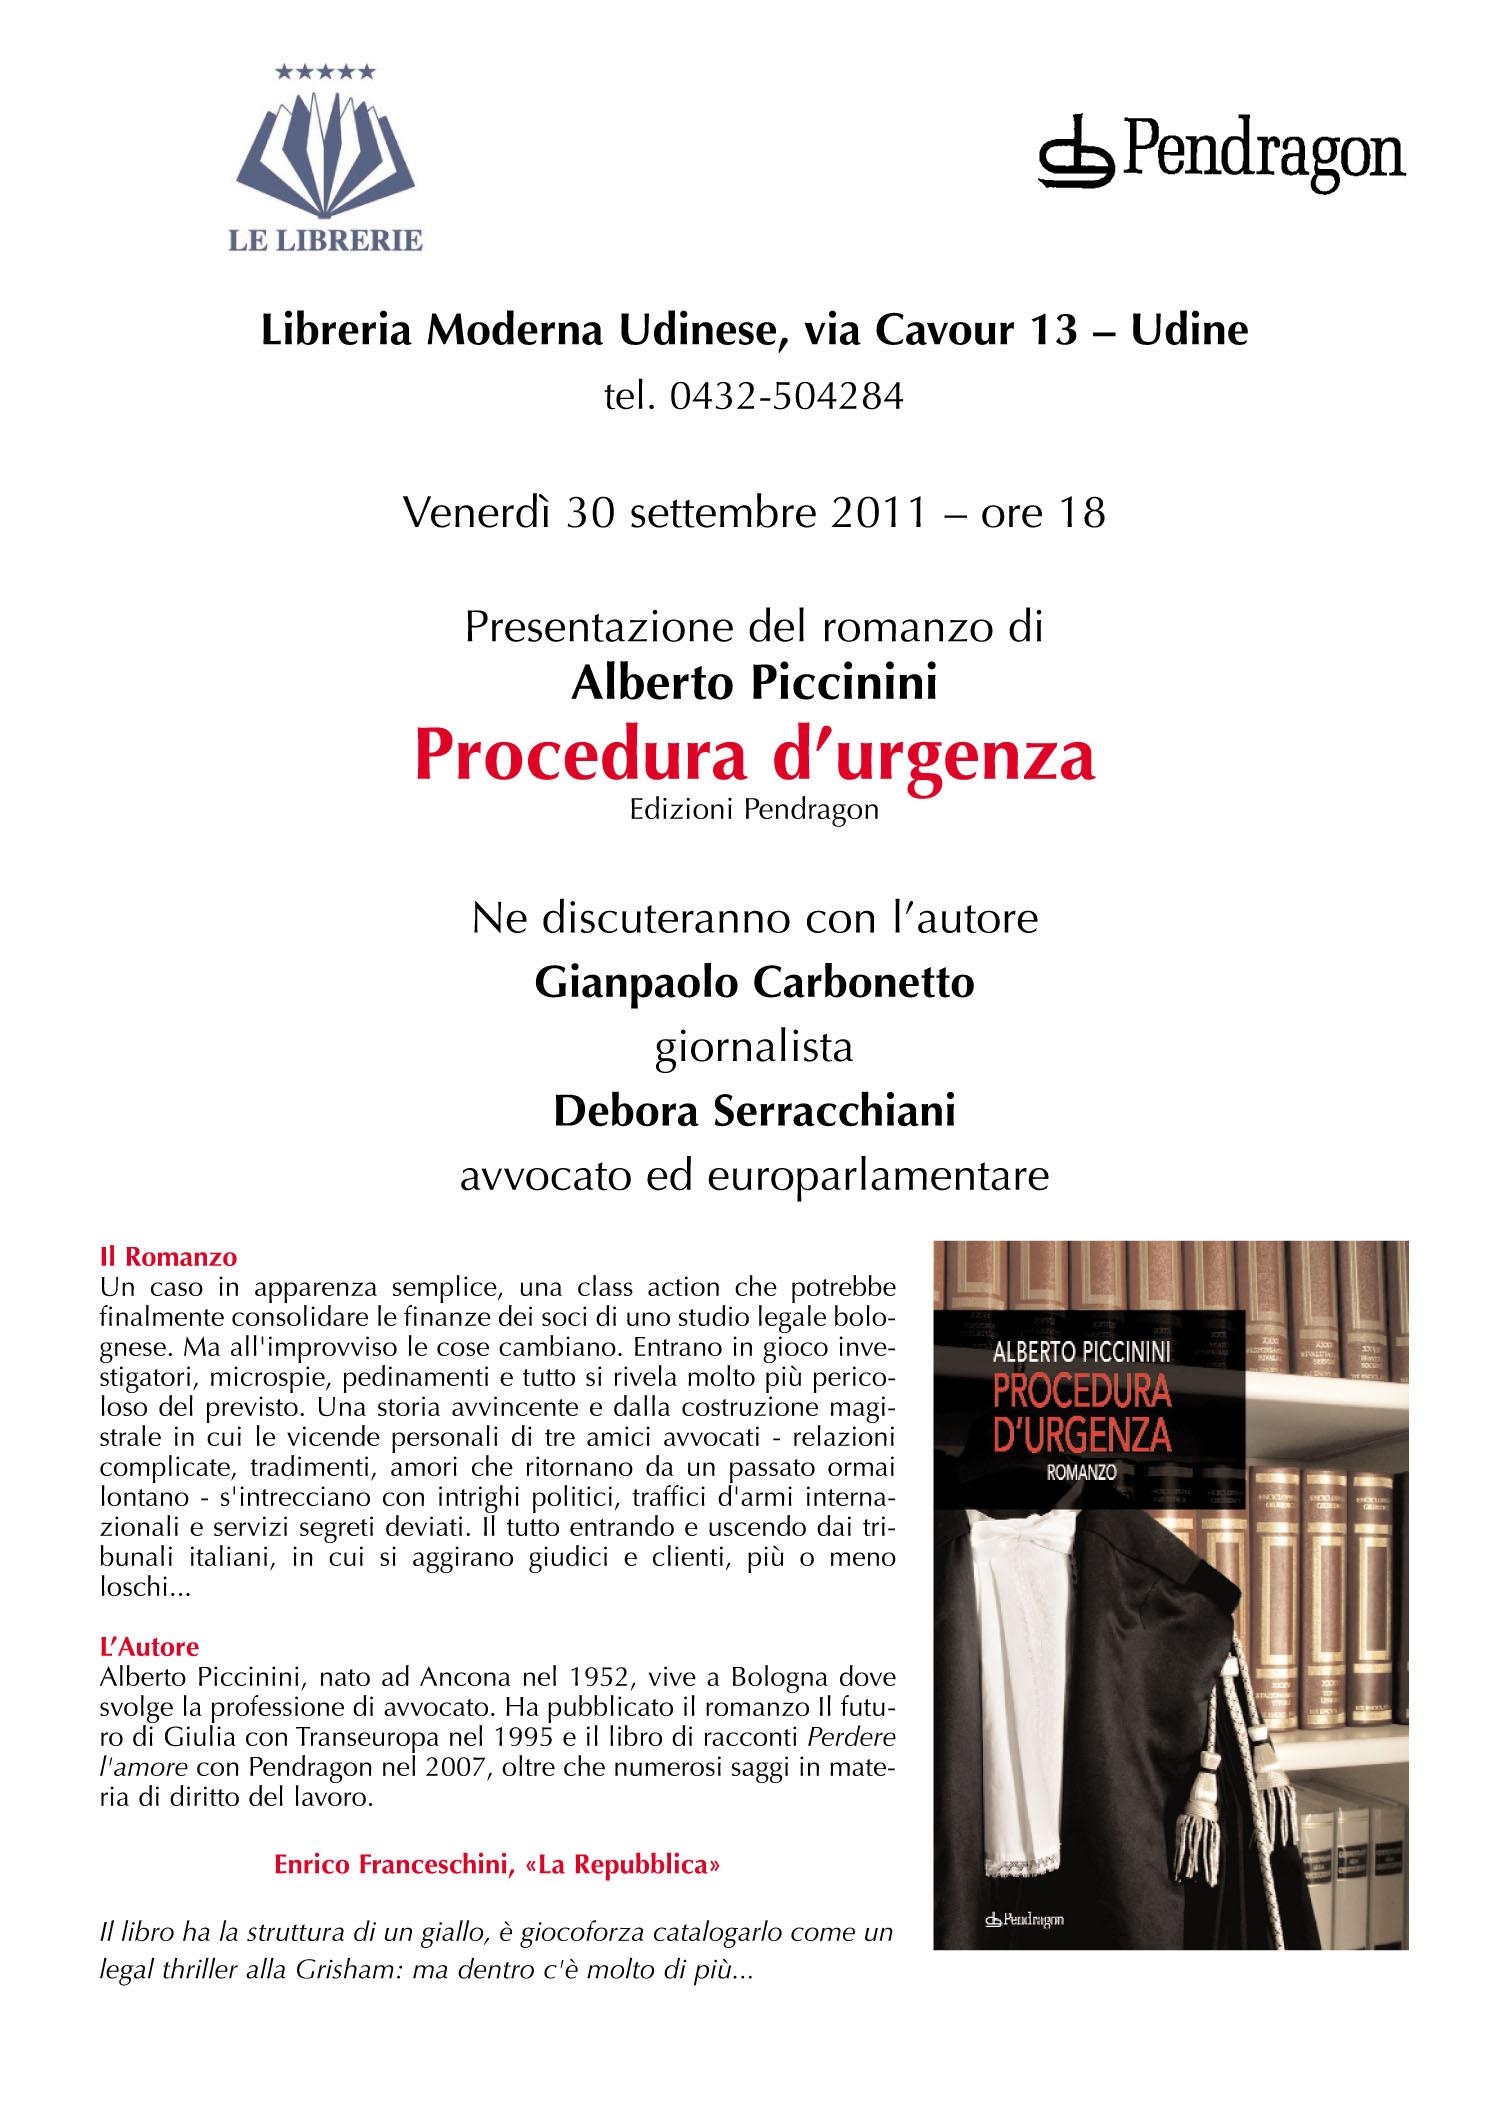 Emejing Libreria Moderna Udine Photos | sokolvineyard.com